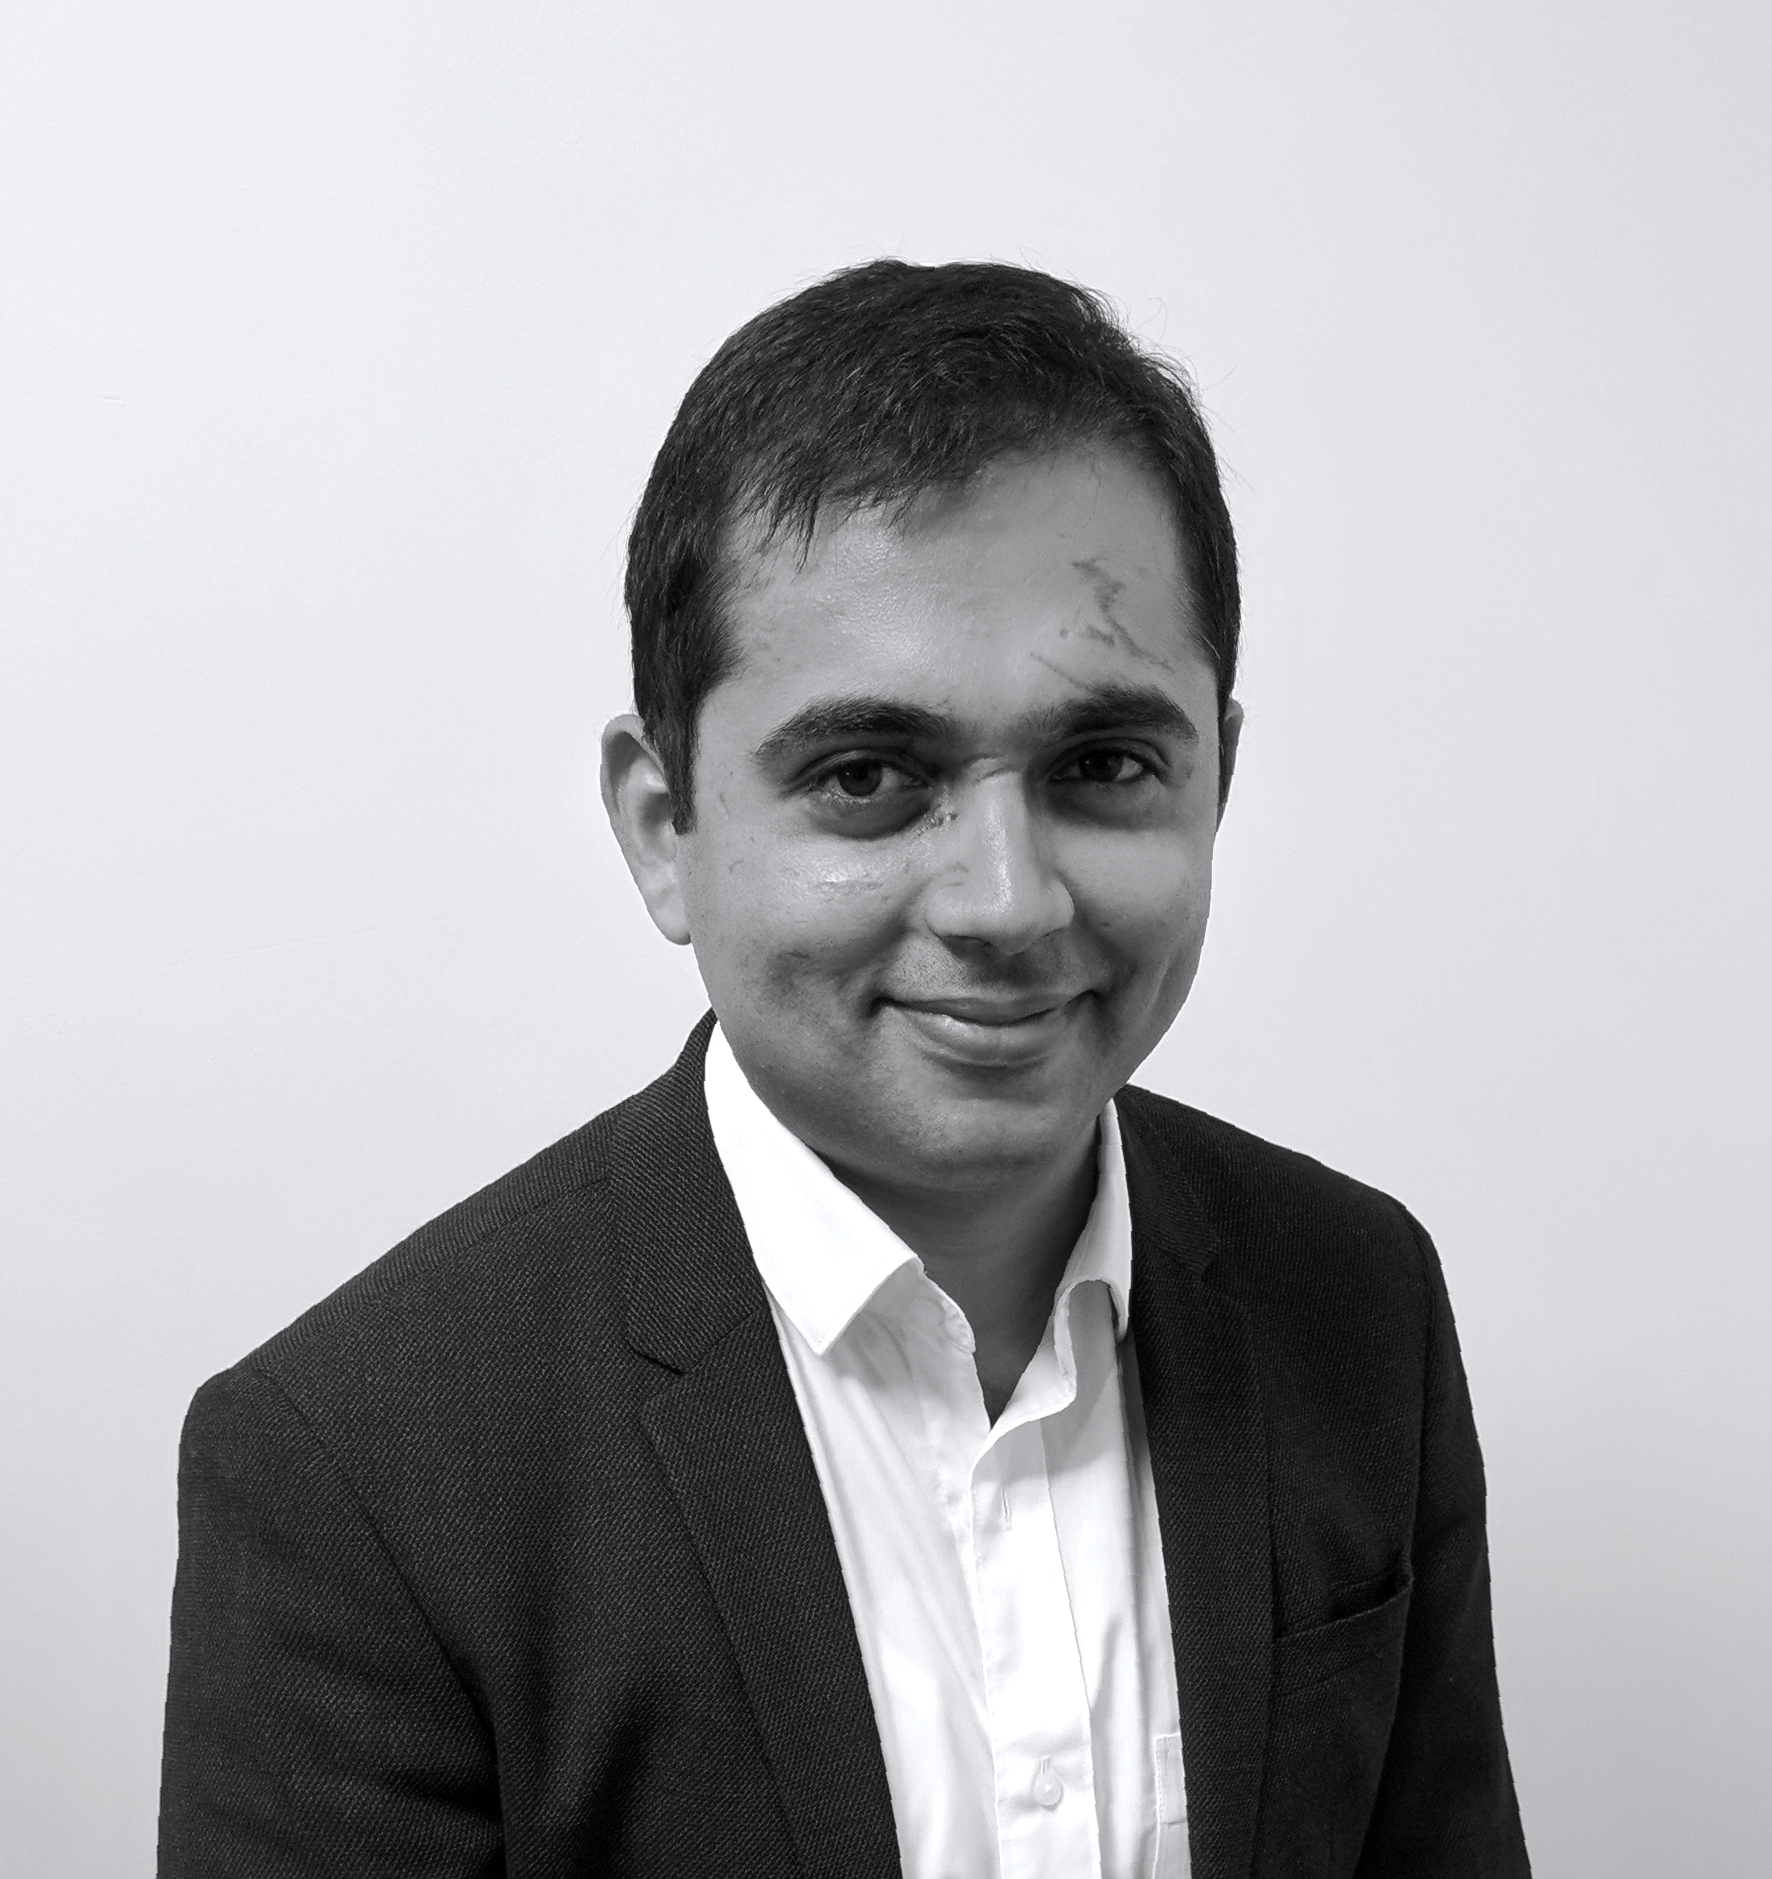 Sumeet Kumar